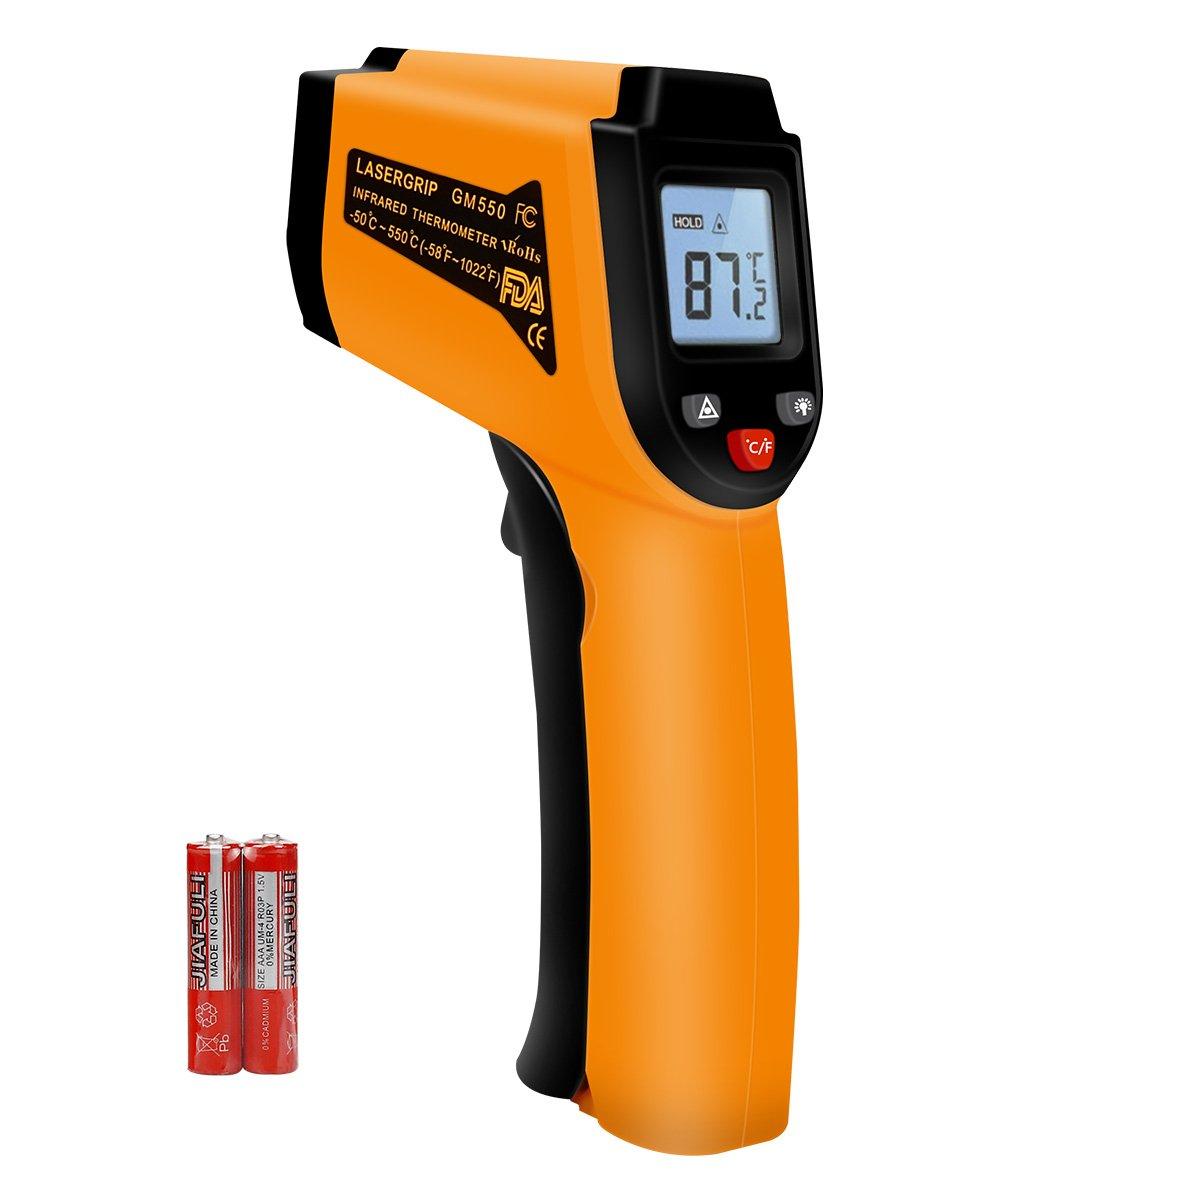 Senza contatto Emissivit/à Regolabile Ideale per la Cottura//Aria//Frigorifero//Congelatore Carne//Auto// Metro Termometro -58 ℉ ~ 932 ℉ Termometro a infrarossi IR5D Laser Termometro Gun-50 ℃ ~ 500 ℃